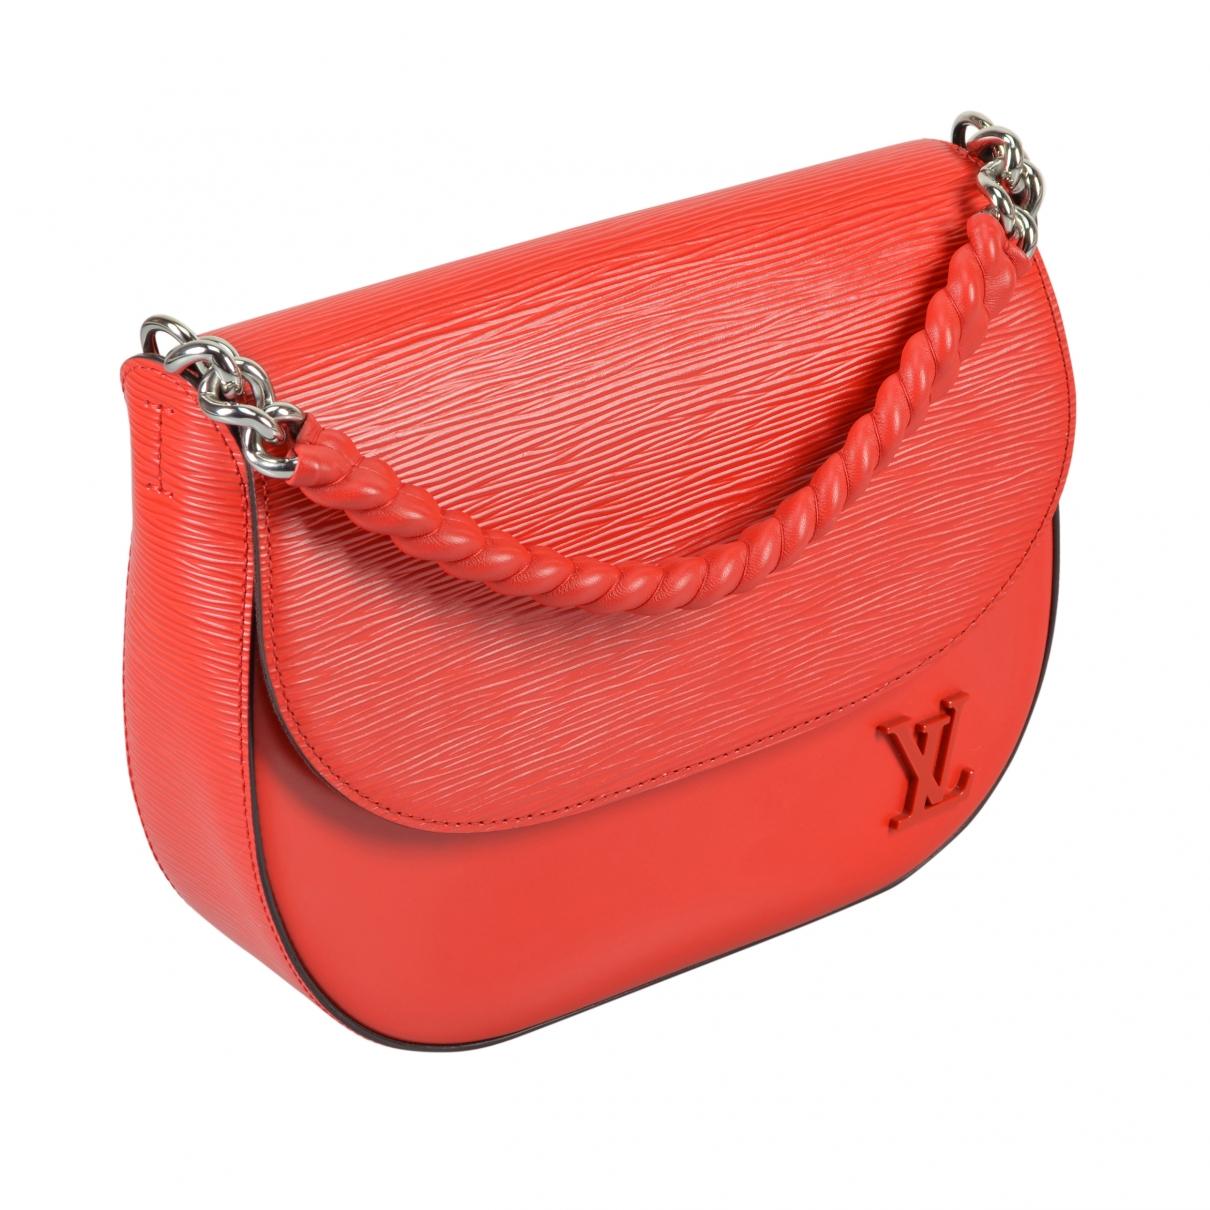 Louis Vuitton - Sac a main Luna pour femme en cuir - rouge